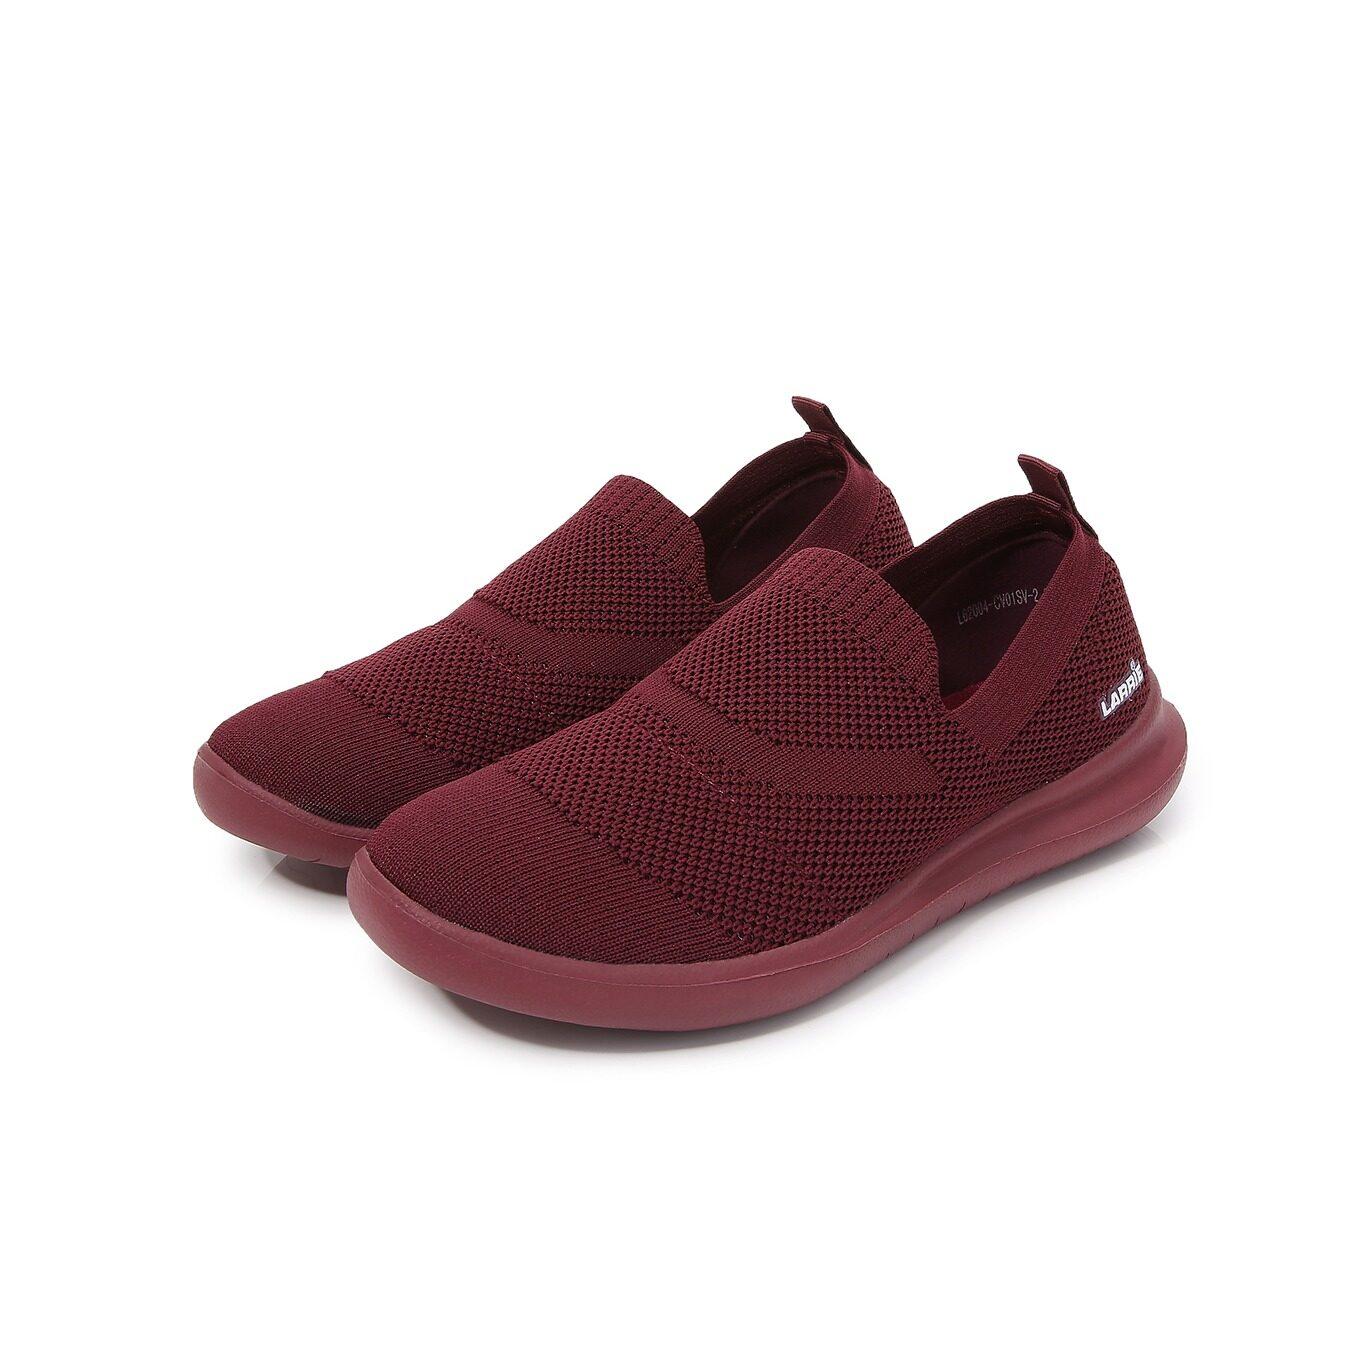 LARRIE Kasut Perempuan Lightweight Style Sporty Sneakers - L62004-CV01SV